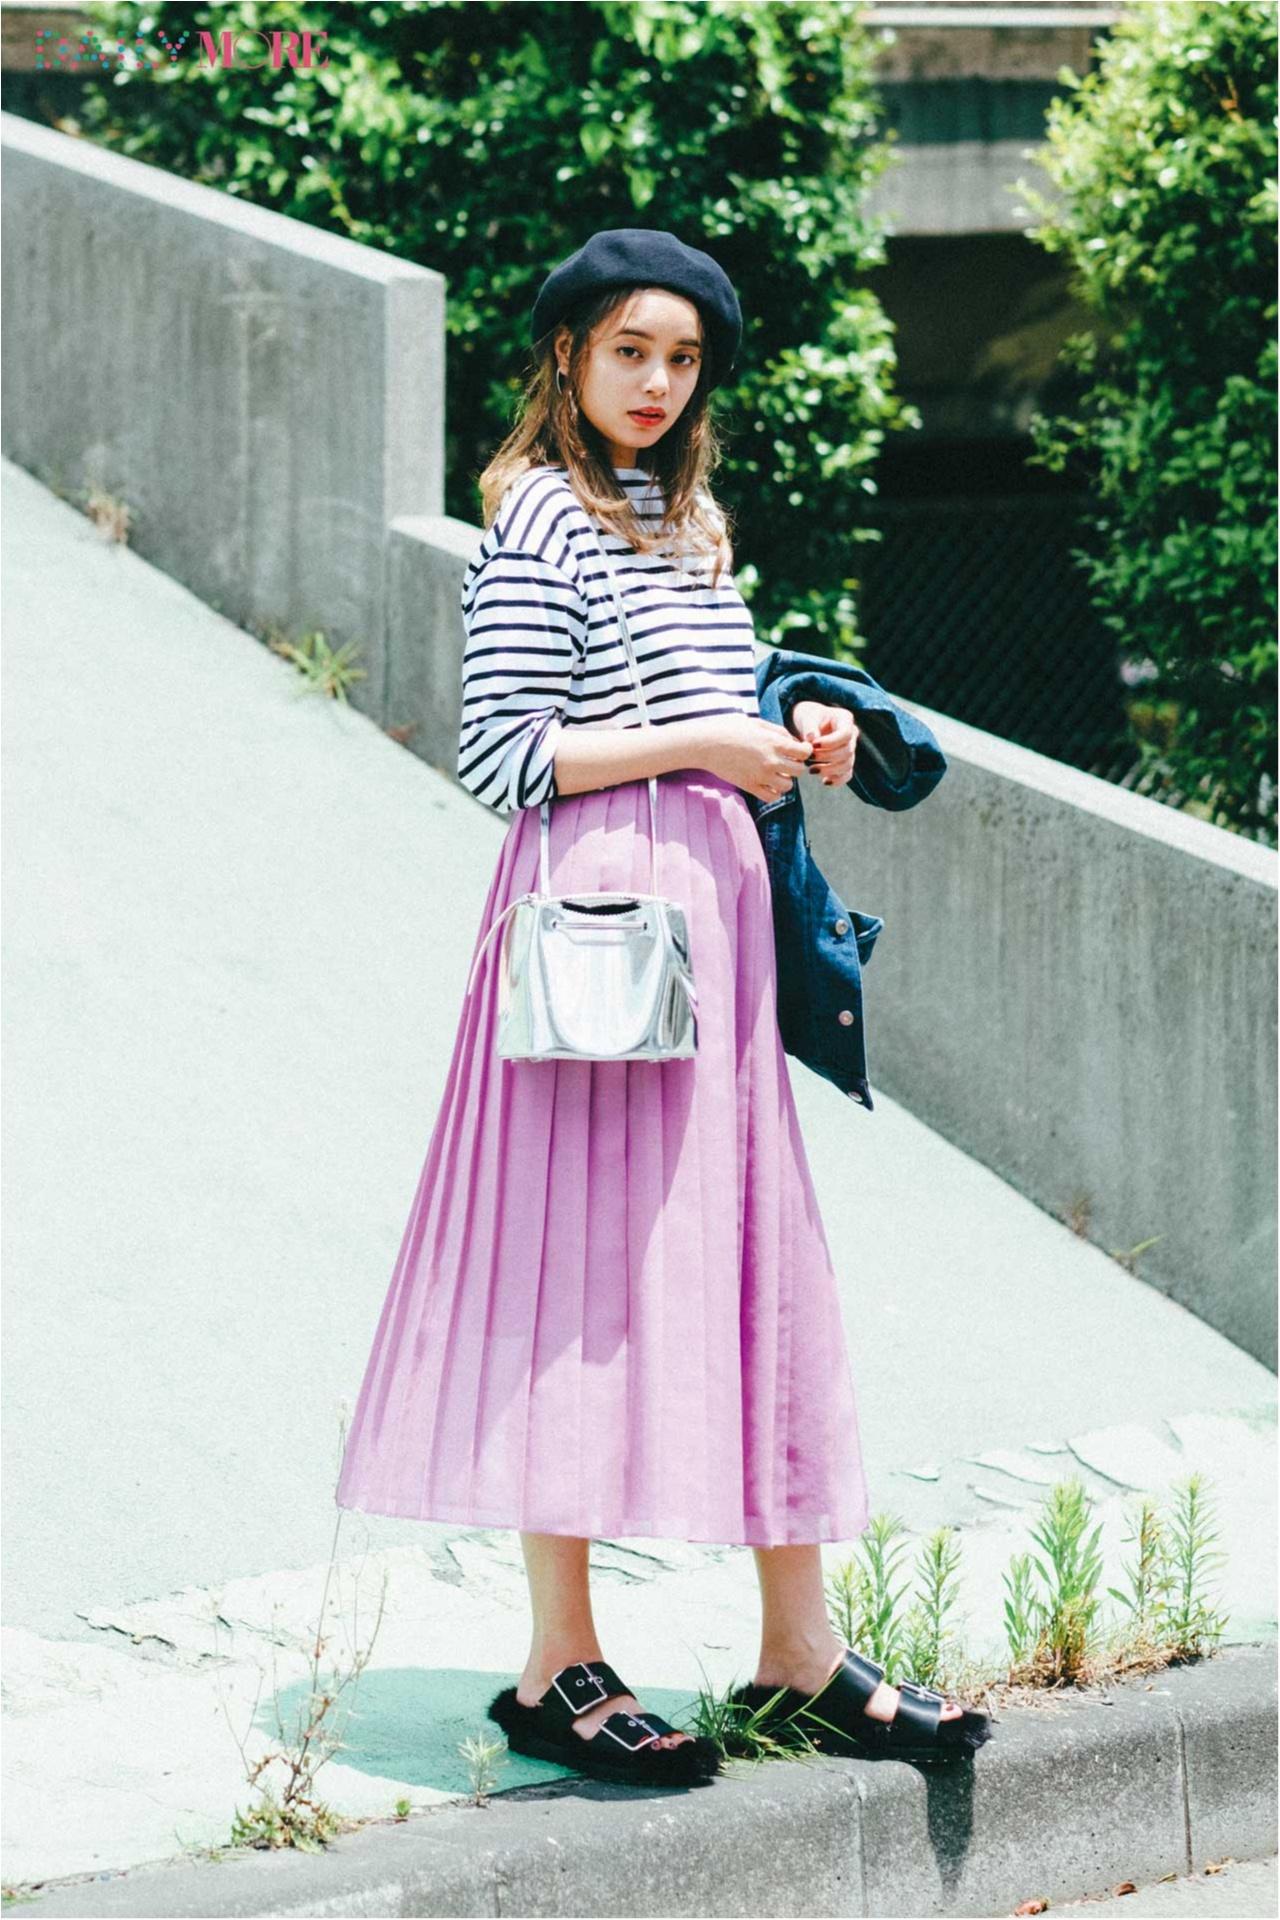 【今日のコーデ/岸本セシル】日曜日のドライブデート。きれい色のプリーツスカートで彼を誘惑しちゃう♡_1